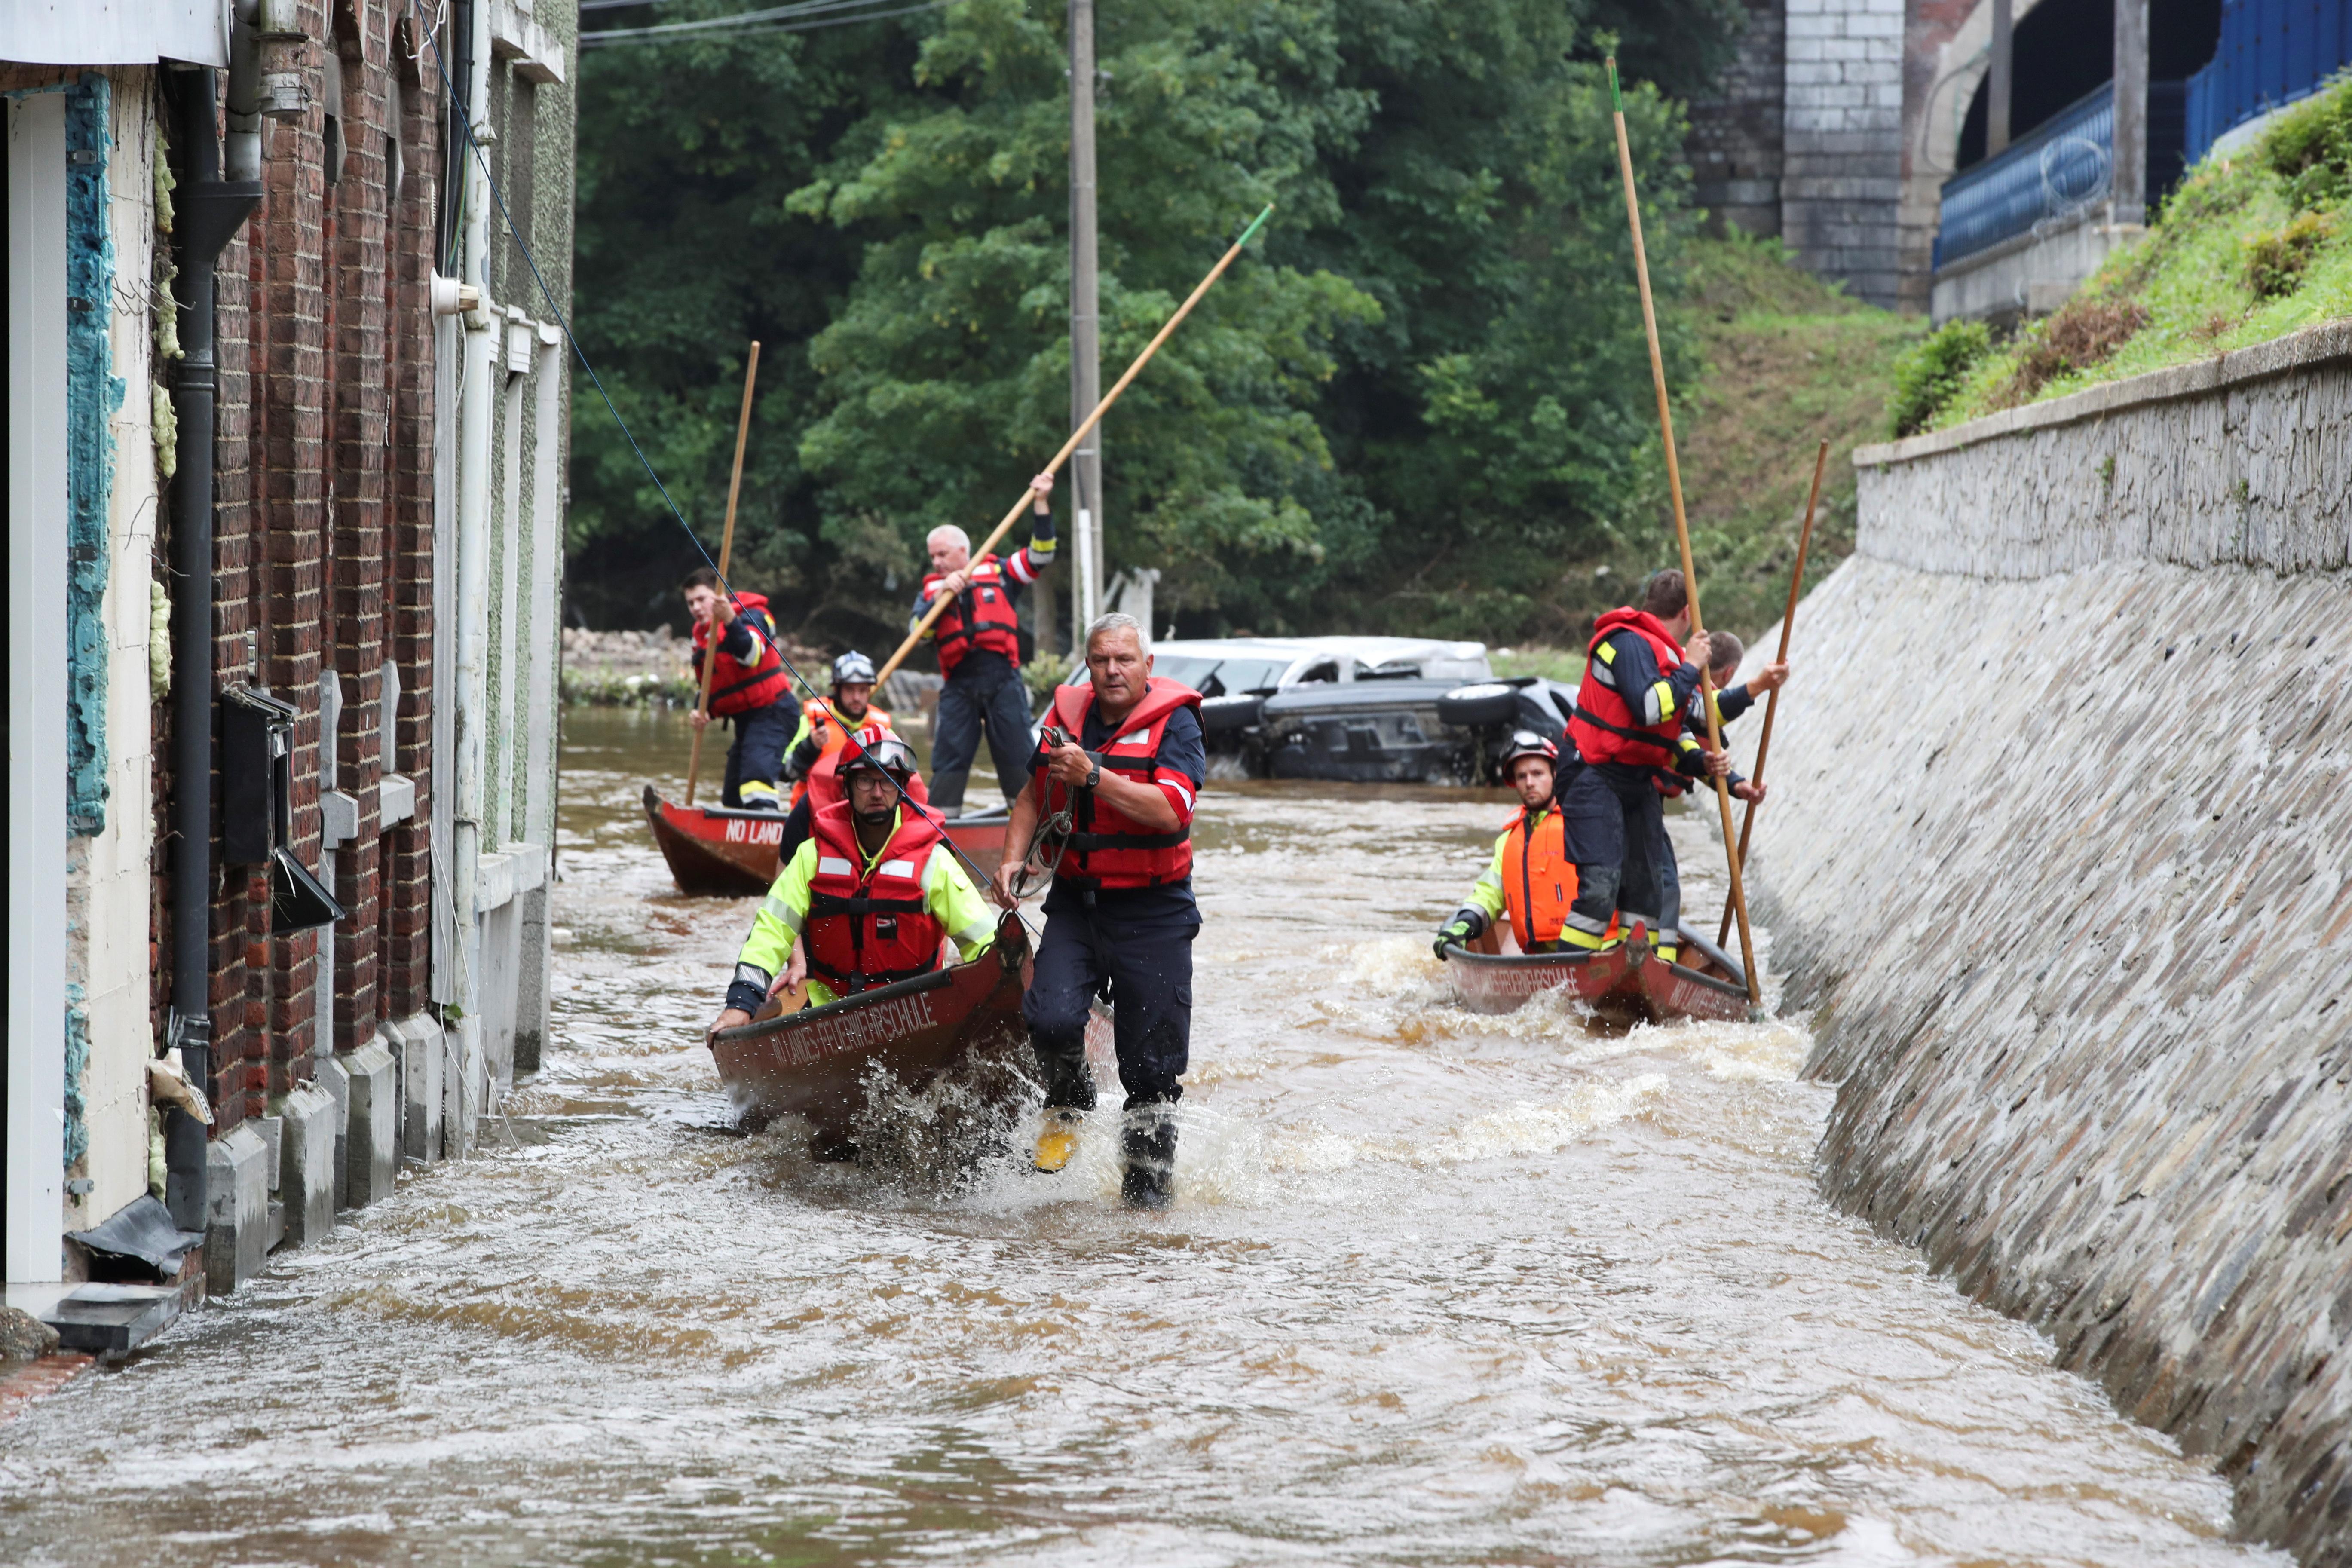 Membros da equipe de resgate austríaca usam seus barcos enquanto passam por uma área afetada por enchentes, após fortes chuvas, em Pepinster, Bélgica, em 16 de julho de 2021. REUTERS / Yves Herman